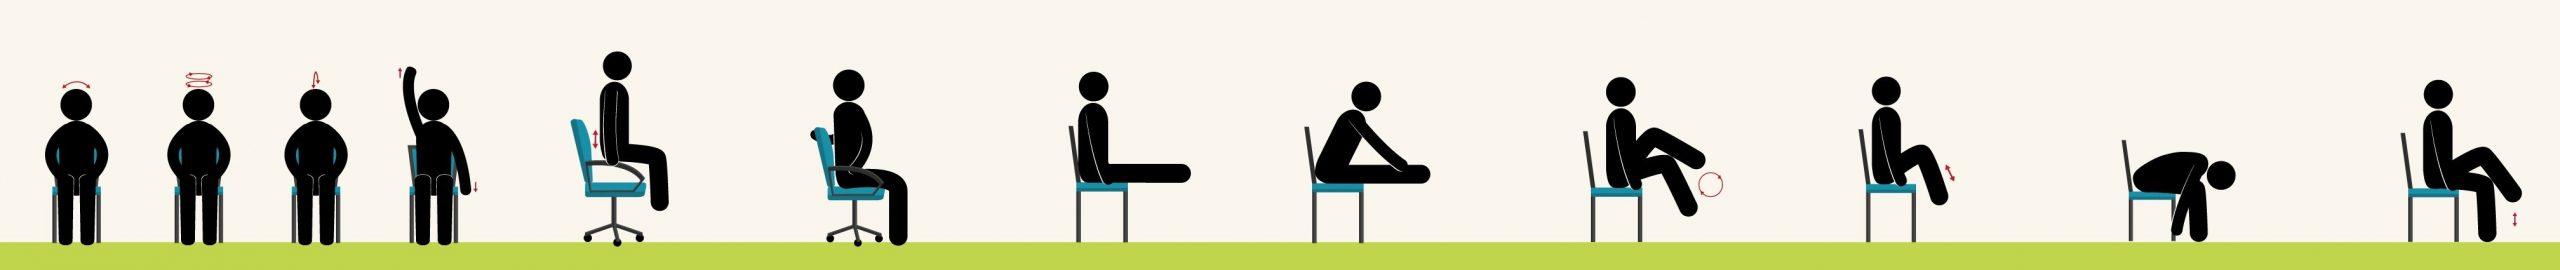 Упражнения, которые можно делать сидя против боли в спине